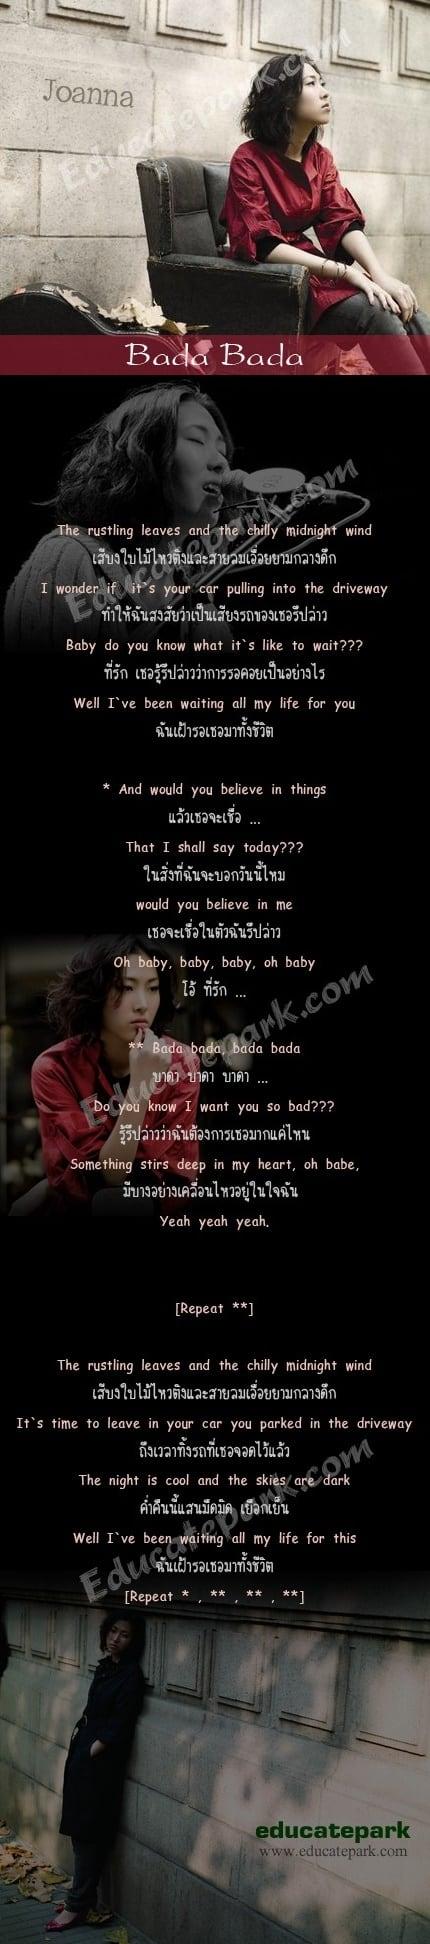 แปลเพลง Bada Bada  - Joanna Wang (王若琳)